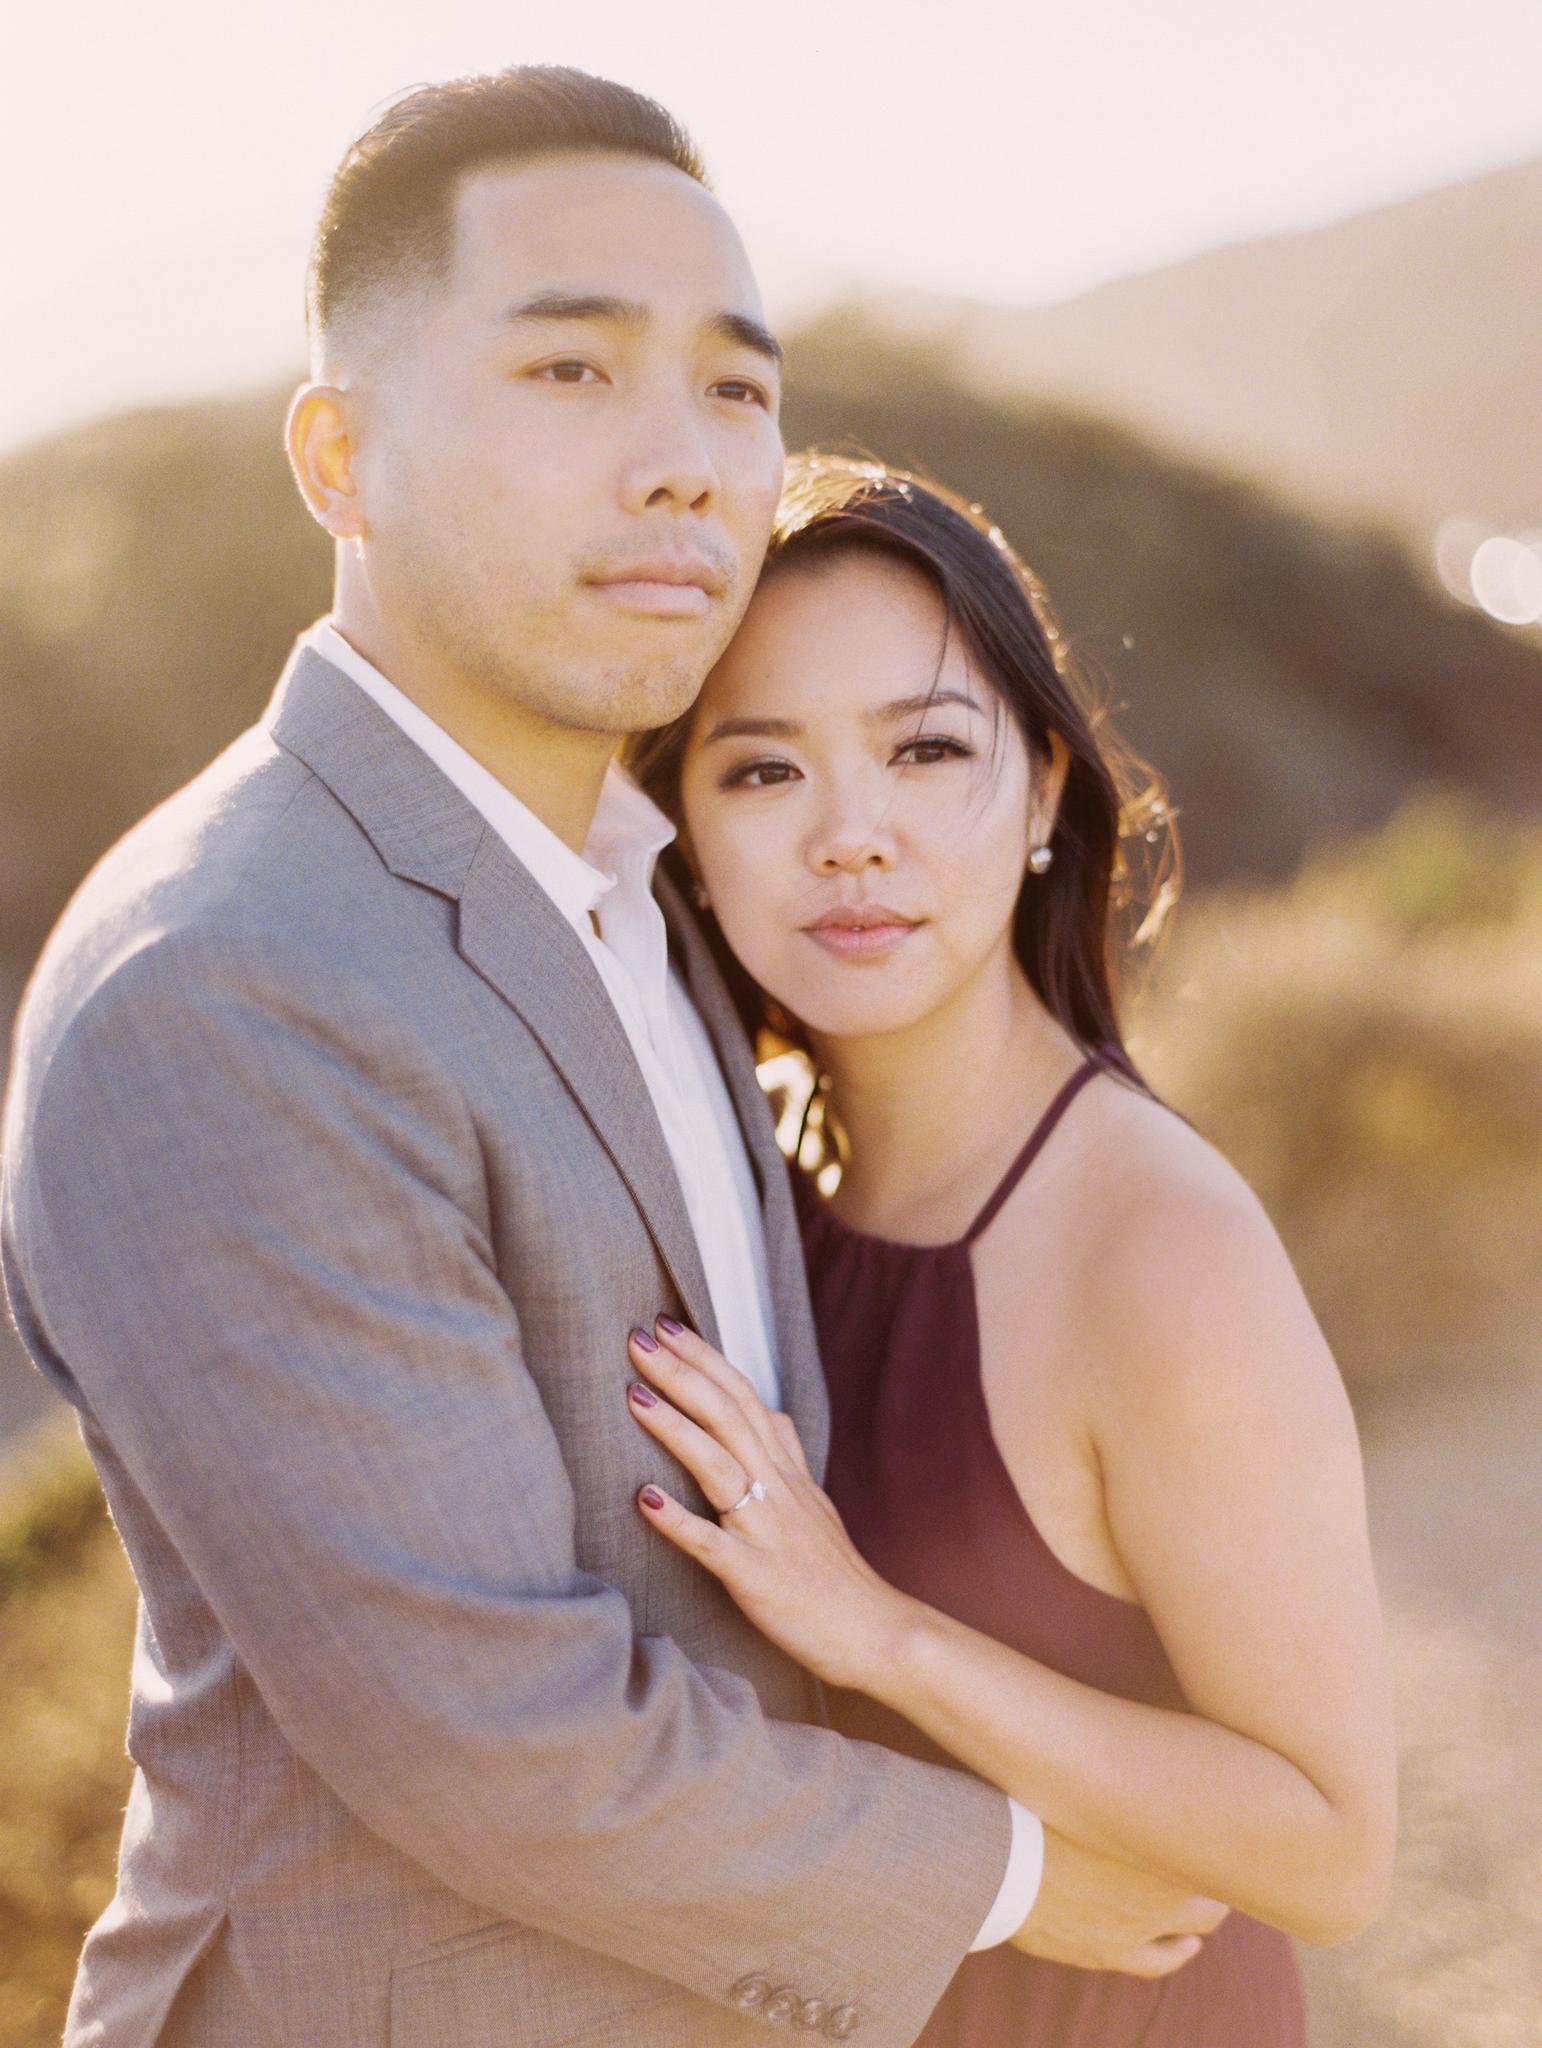 Engagement Session | Josh & Rachel Best